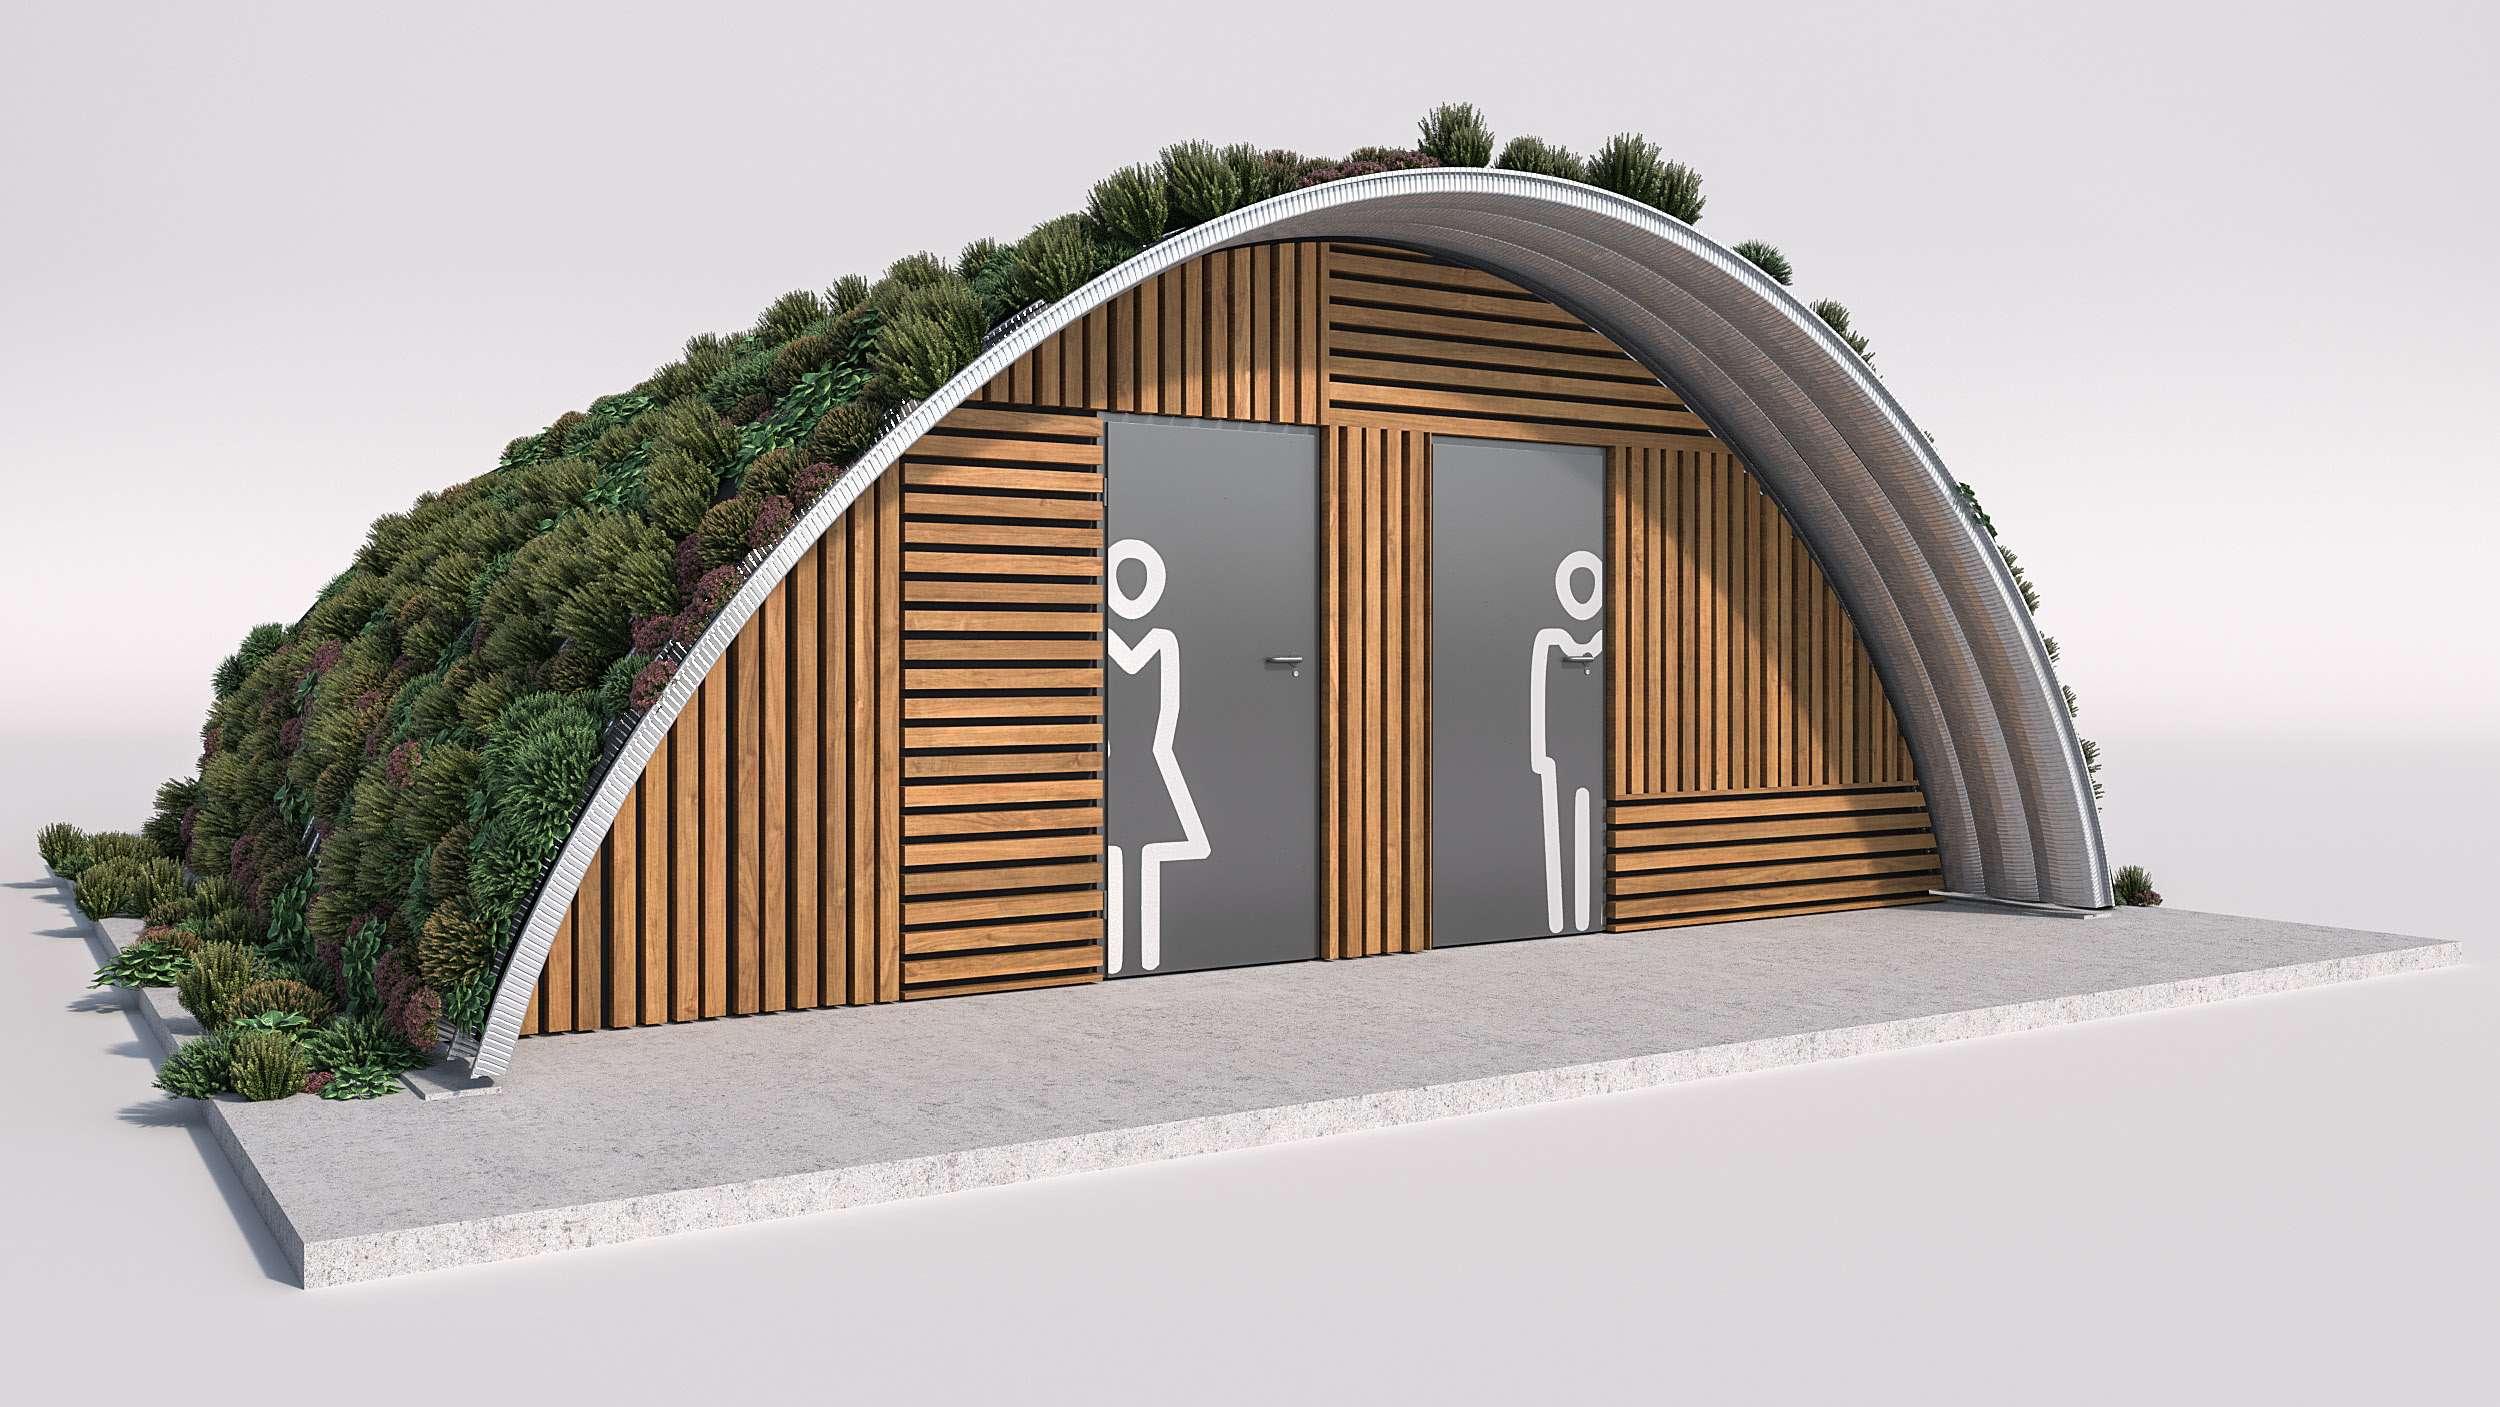 toaleta-publiczna